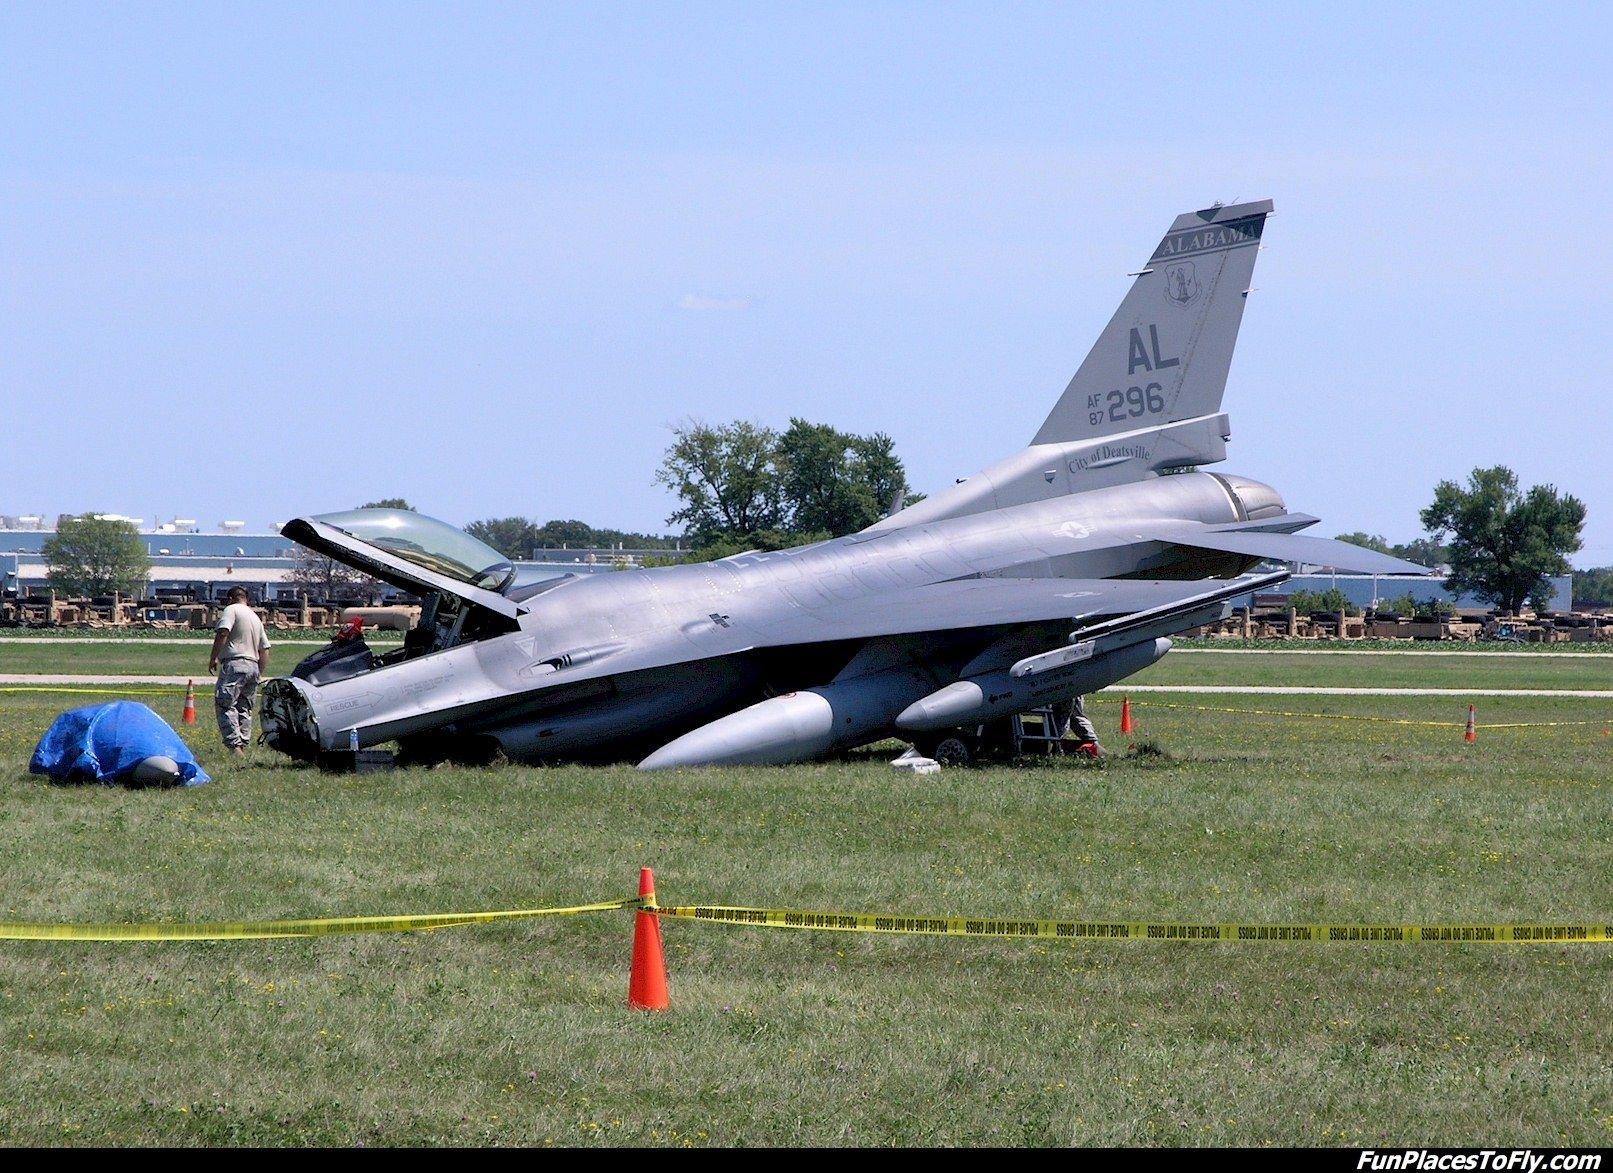 Aviation Aircraft Photo F16 Crash at AirVenture 2011